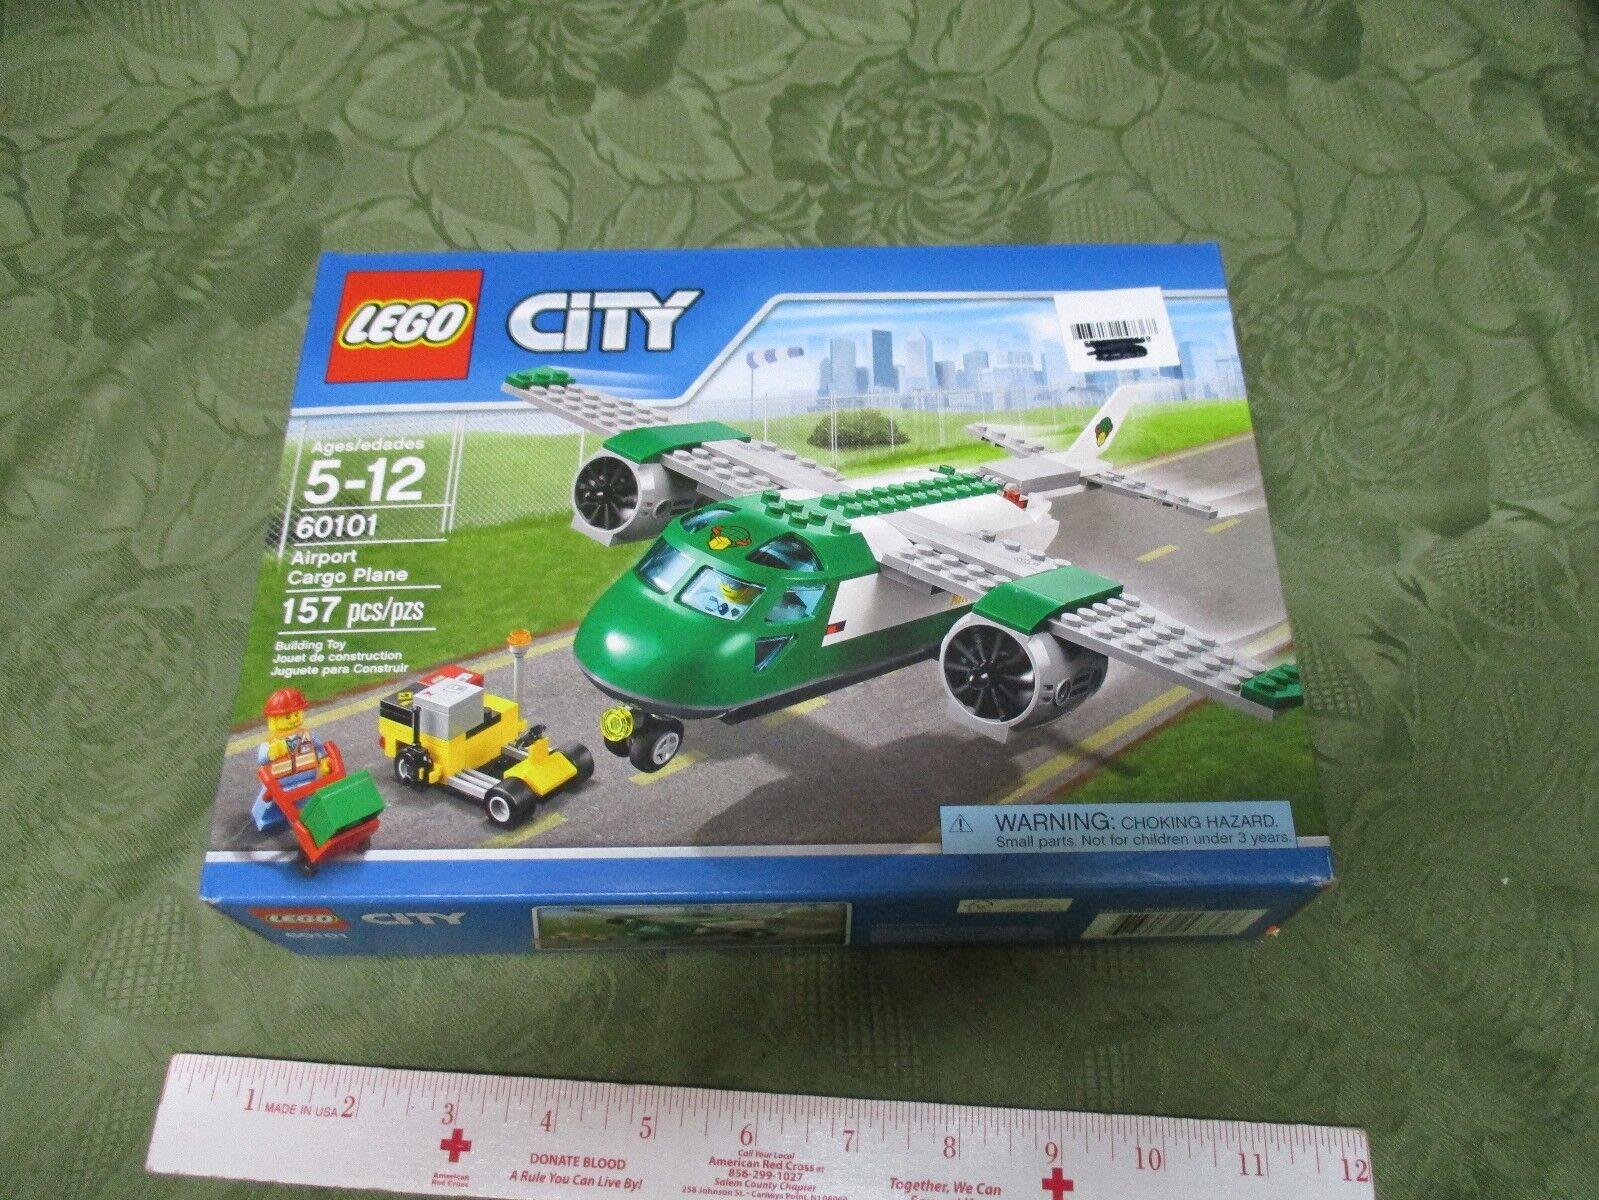 acquista online oggi LEGO città Airport Airport Airport autogo Plane costruzione giocattolo set 157 Pieces nuovo scatola lavoroer minifig  promozioni